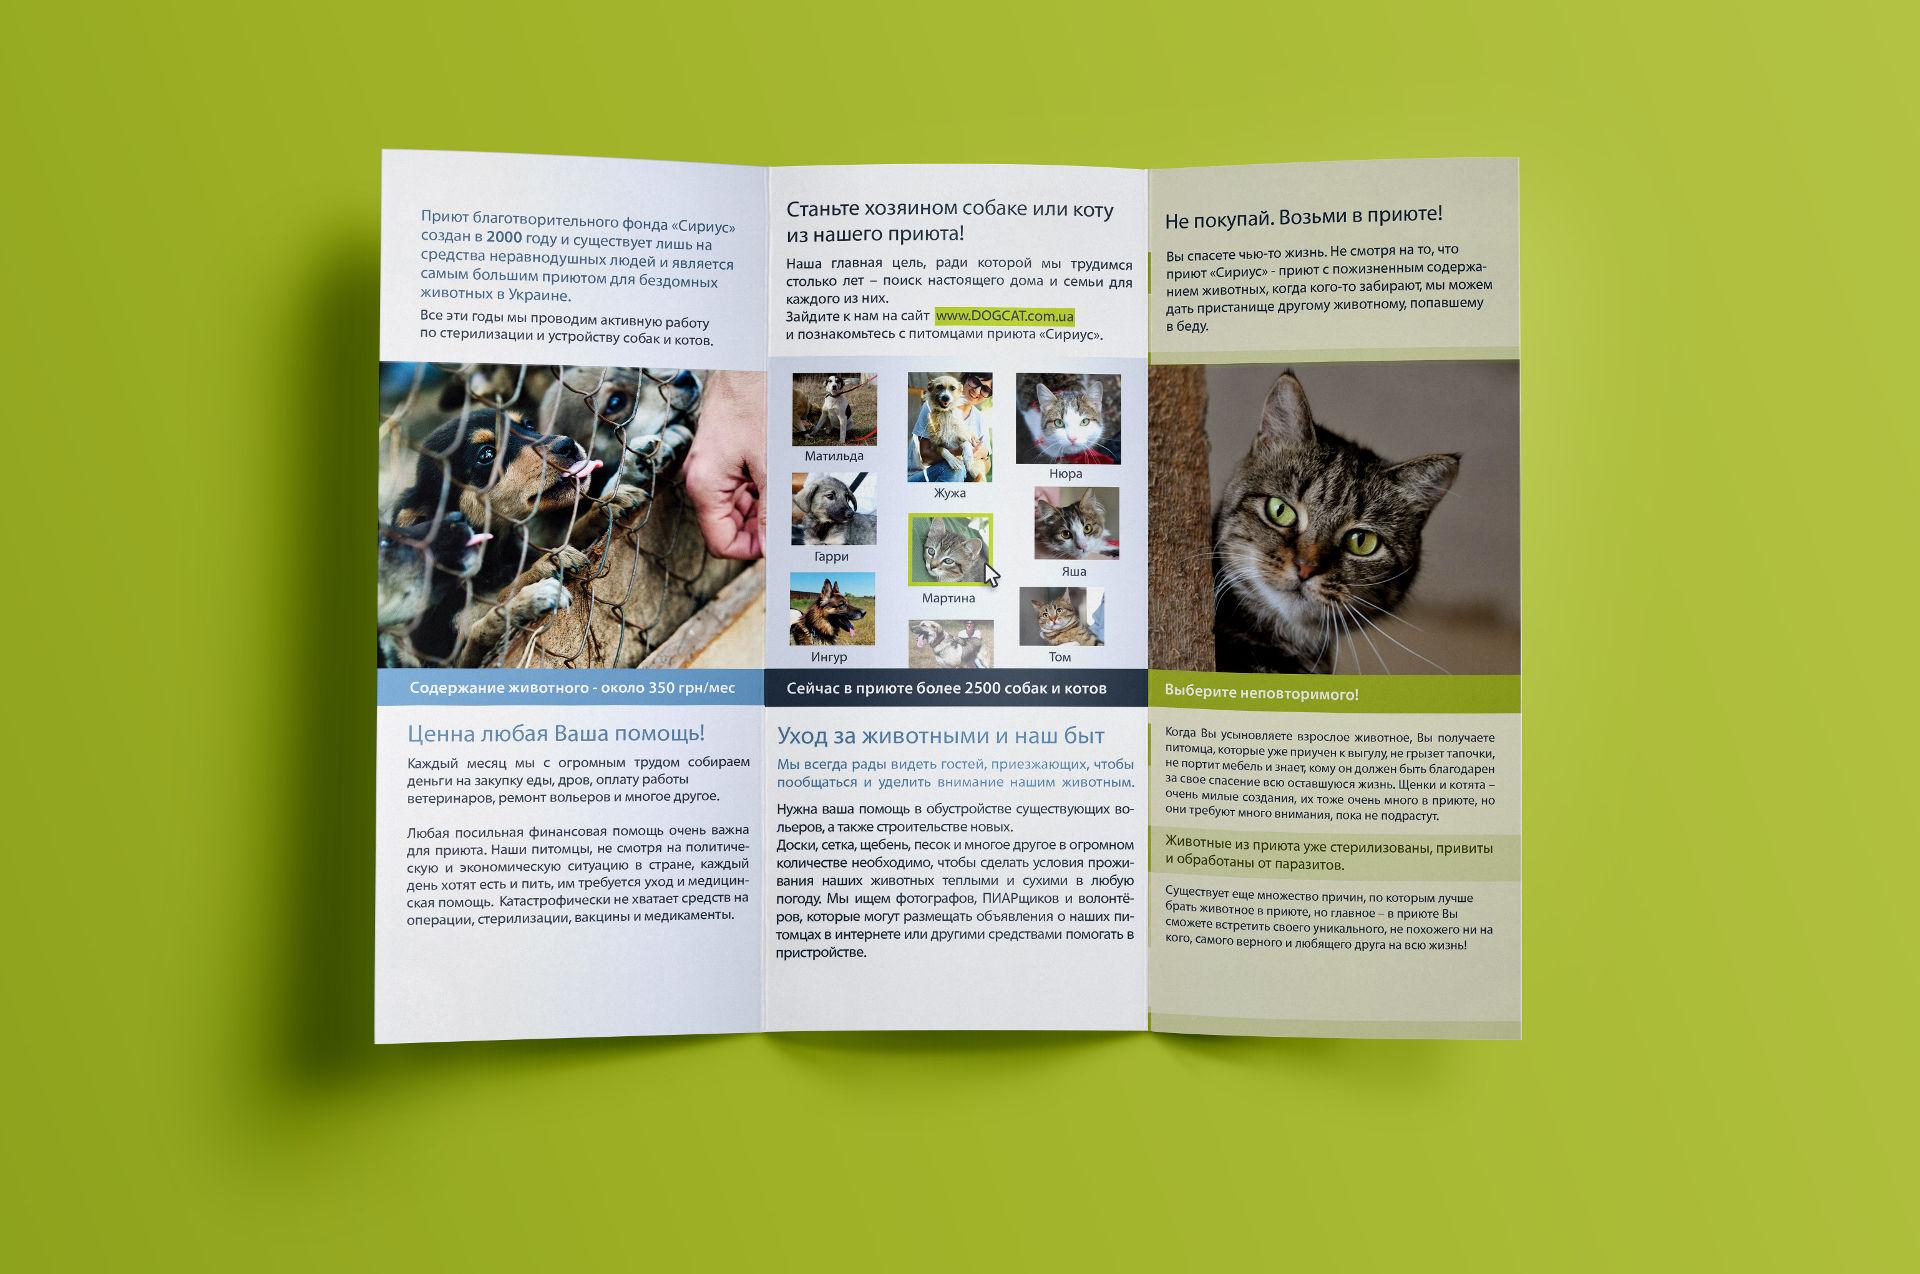 Дизайн листовки для приюта животных, Animal shelter flyer design